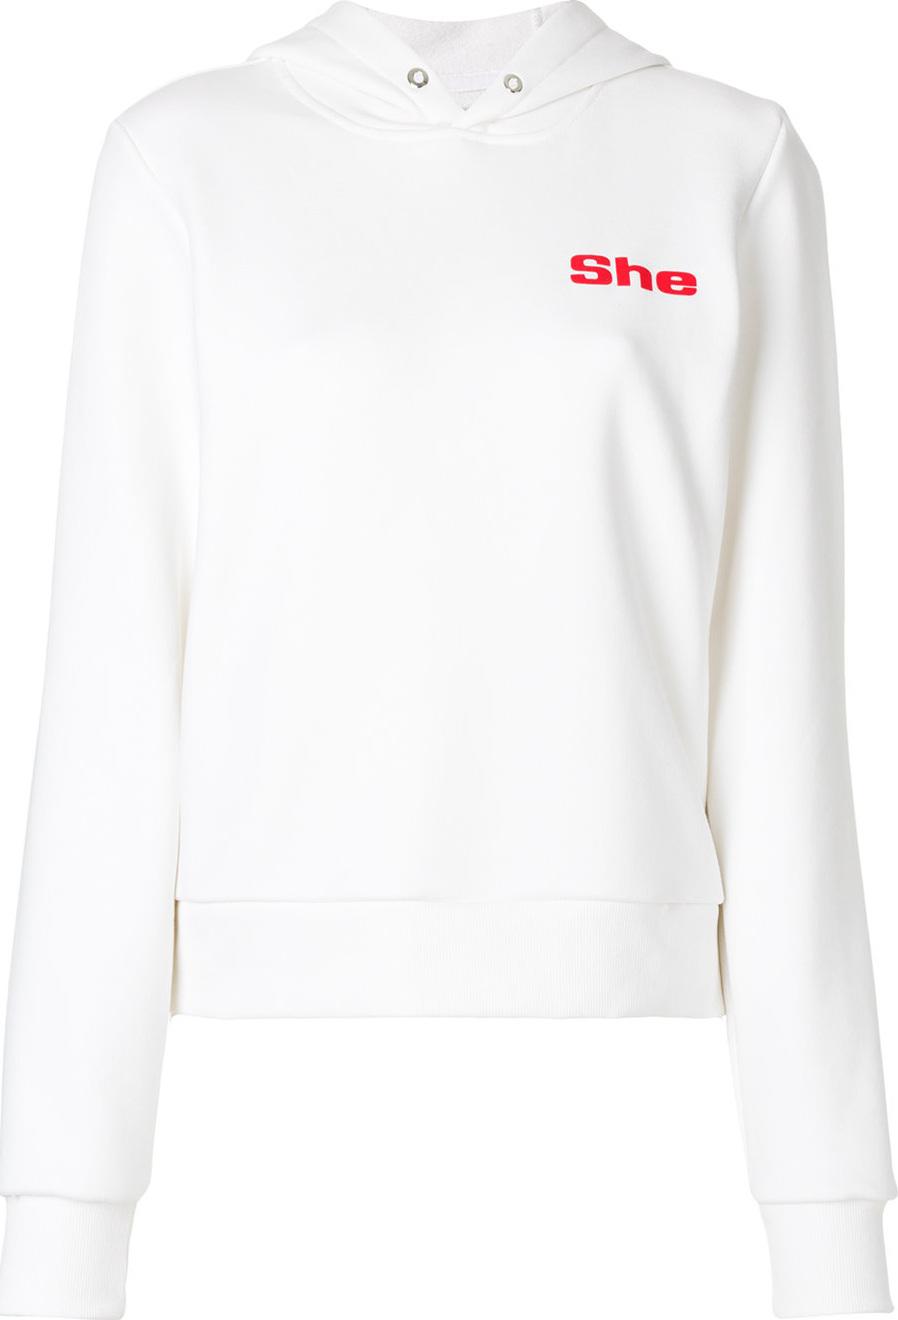 Misbhv - She hoodie